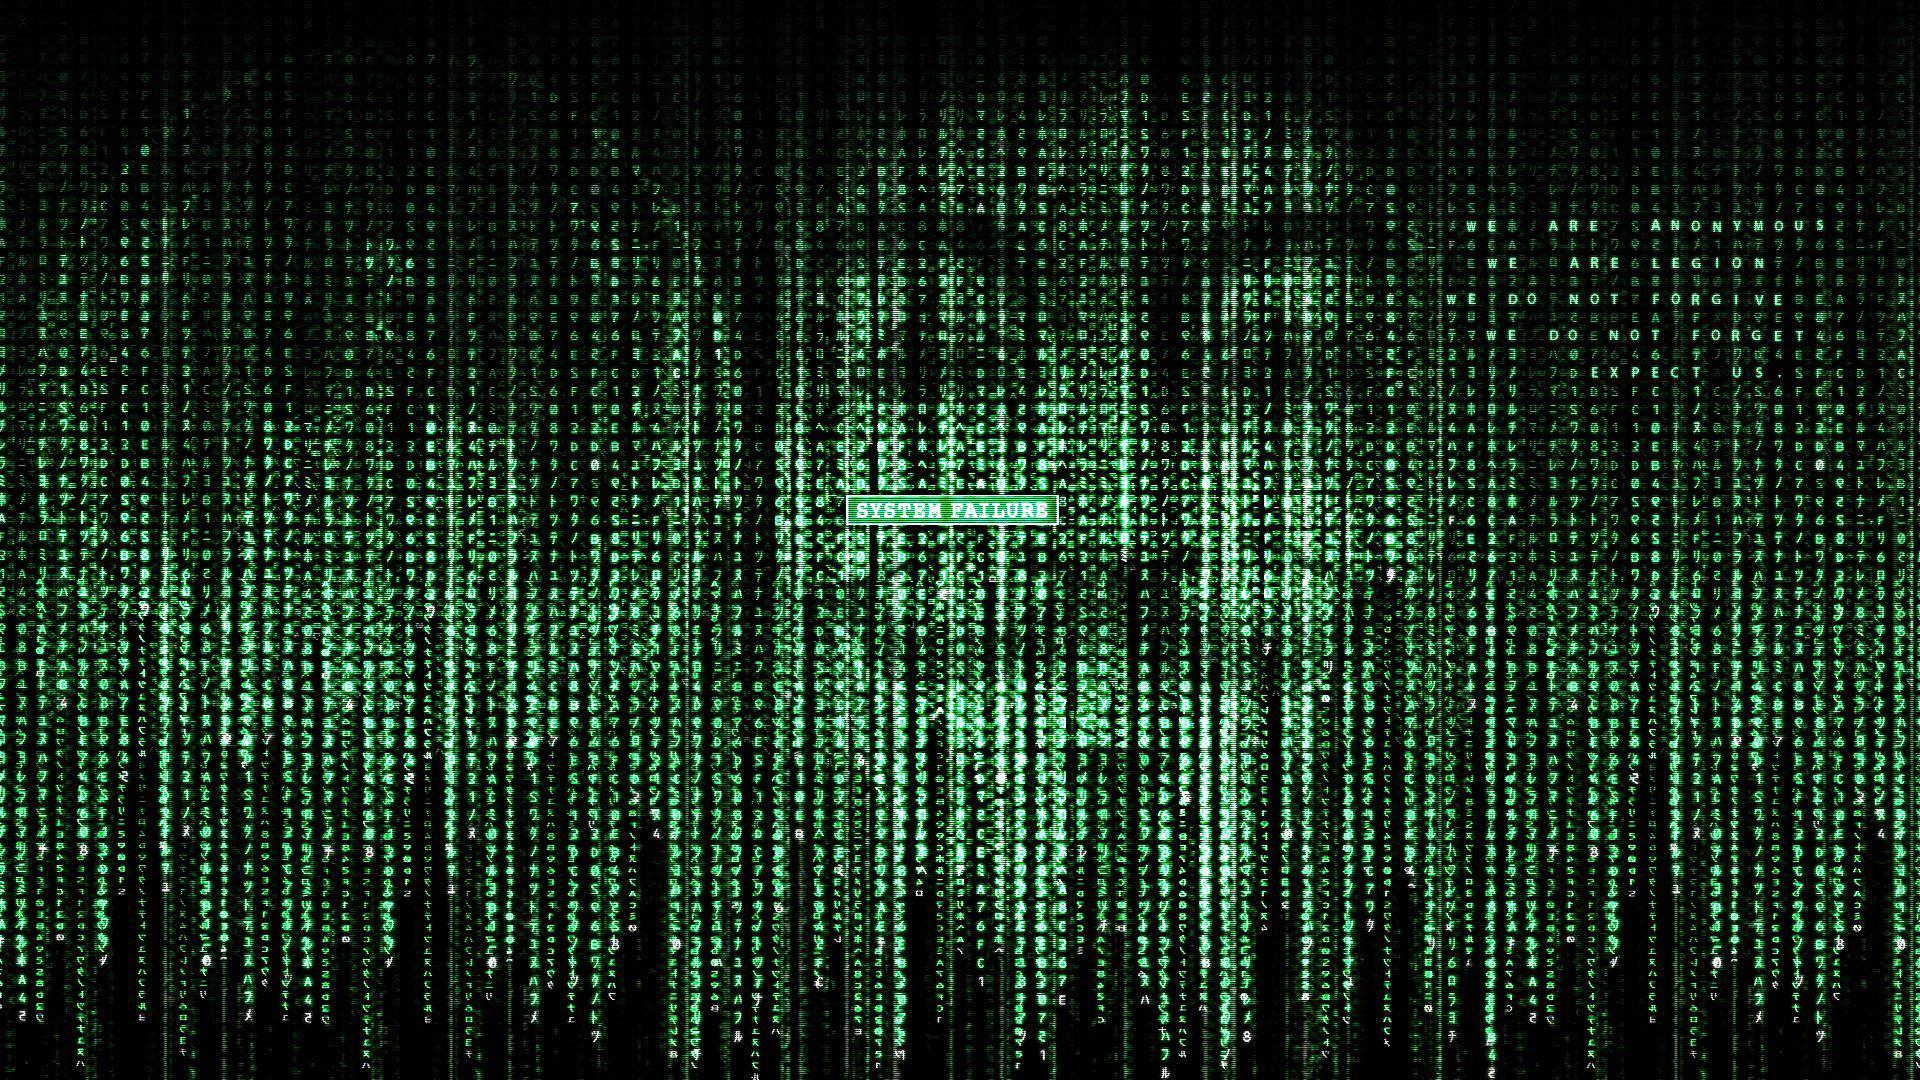 hacker - full hd wallpapers